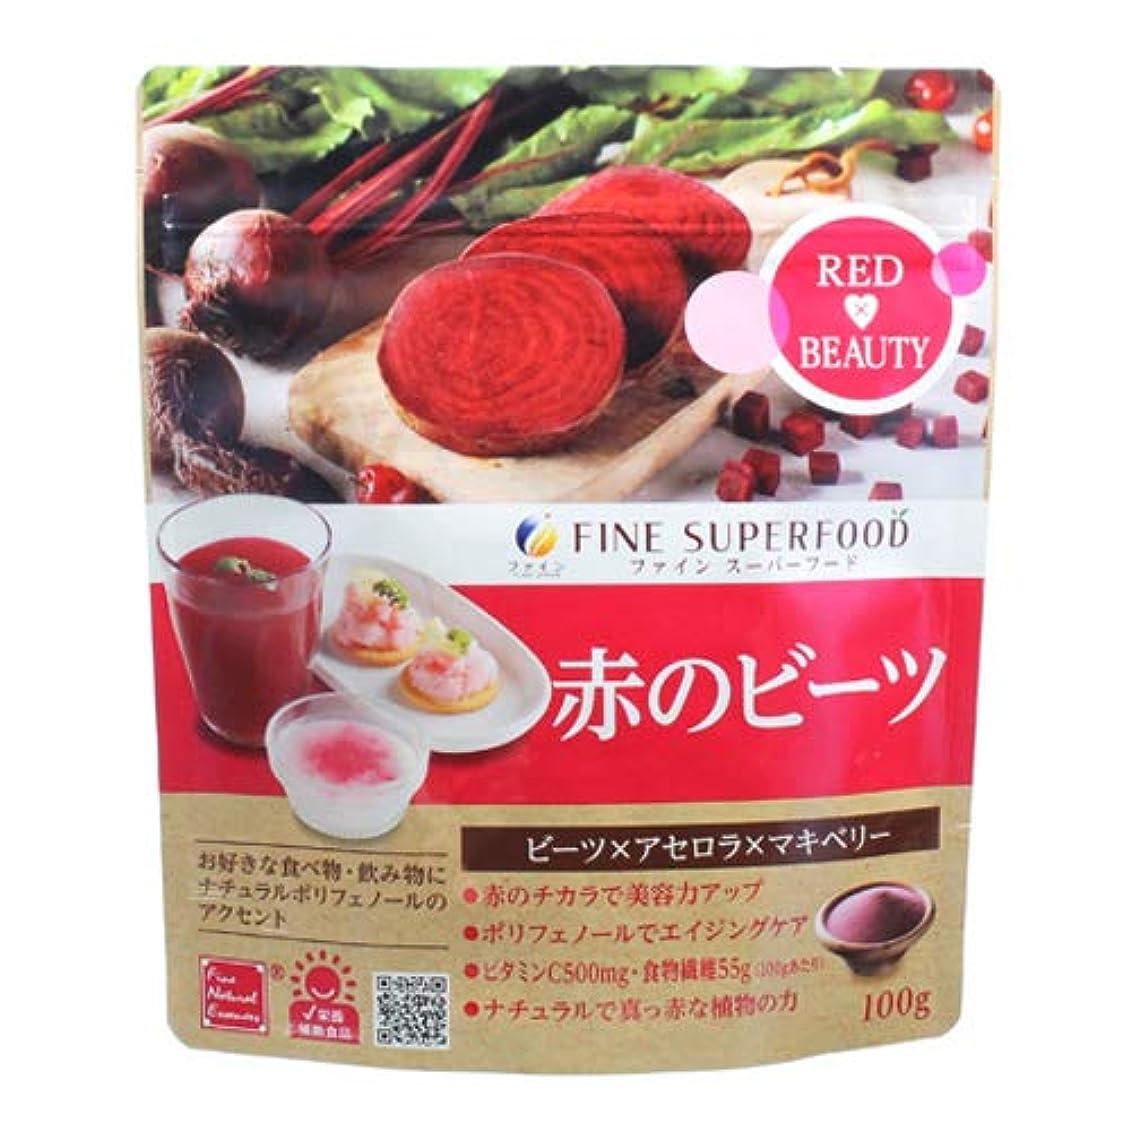 分黒板純粋にファインスーパーフード 赤のビーツ 100g 【2袋組】